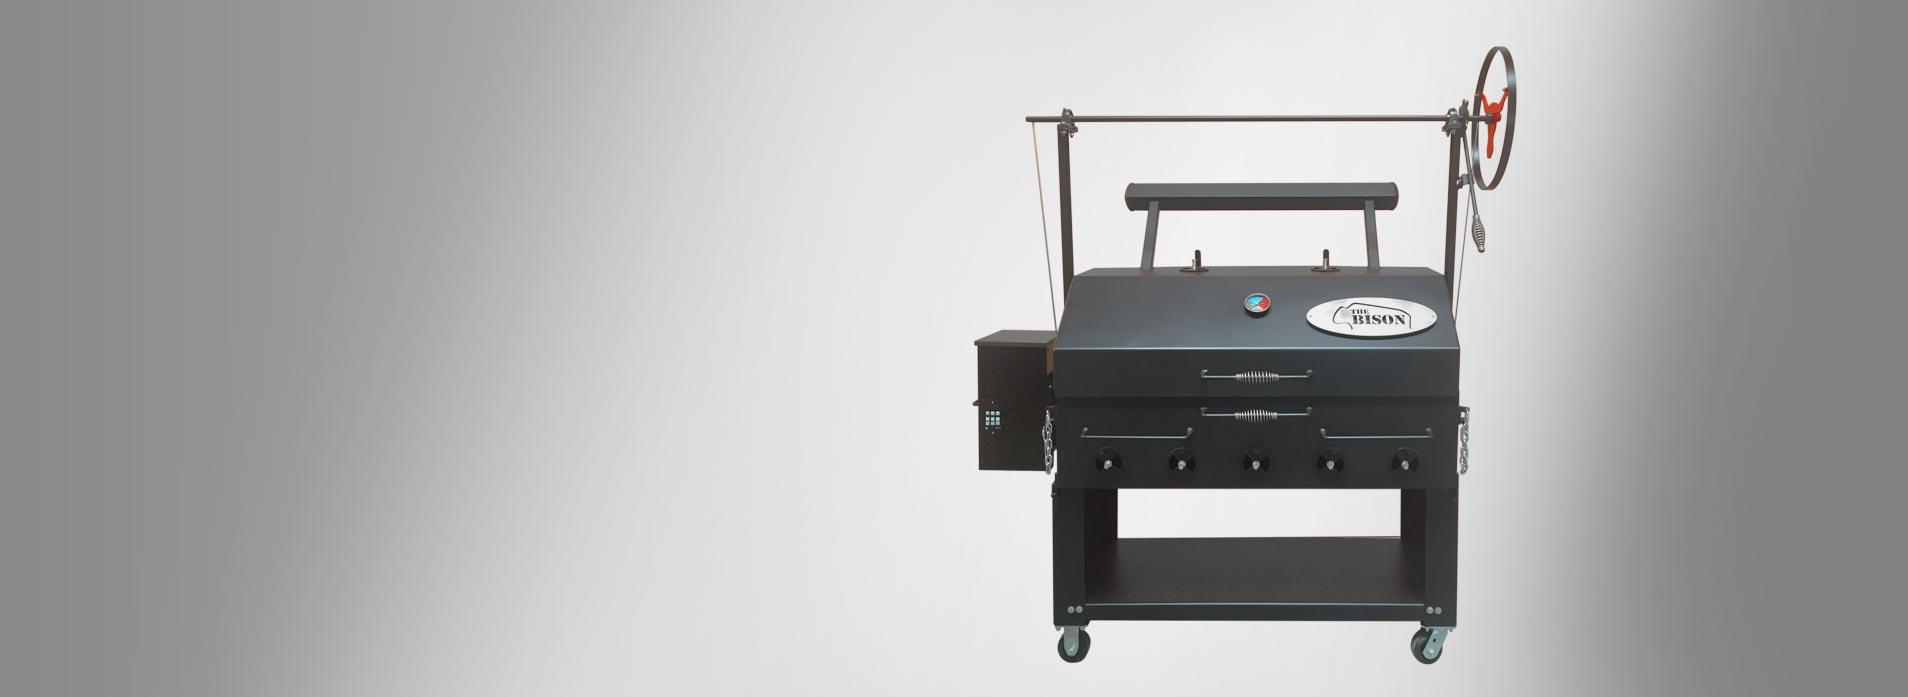 thebison-grill-slider